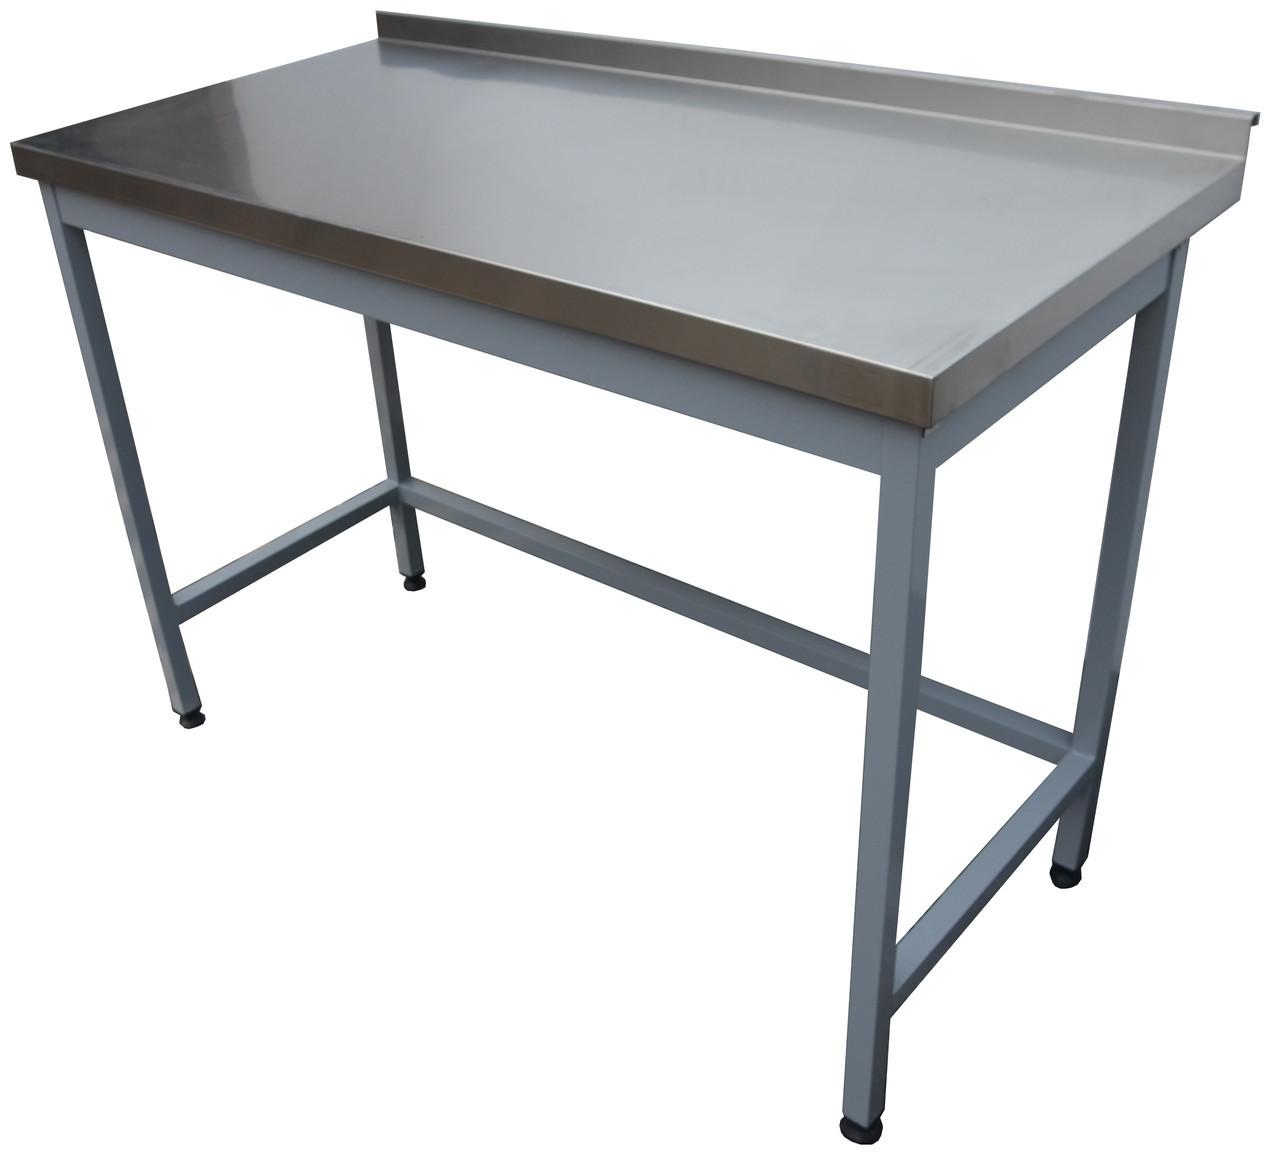 Стол производственный из нержавеющей стали без полки 900, 700, AISI 304